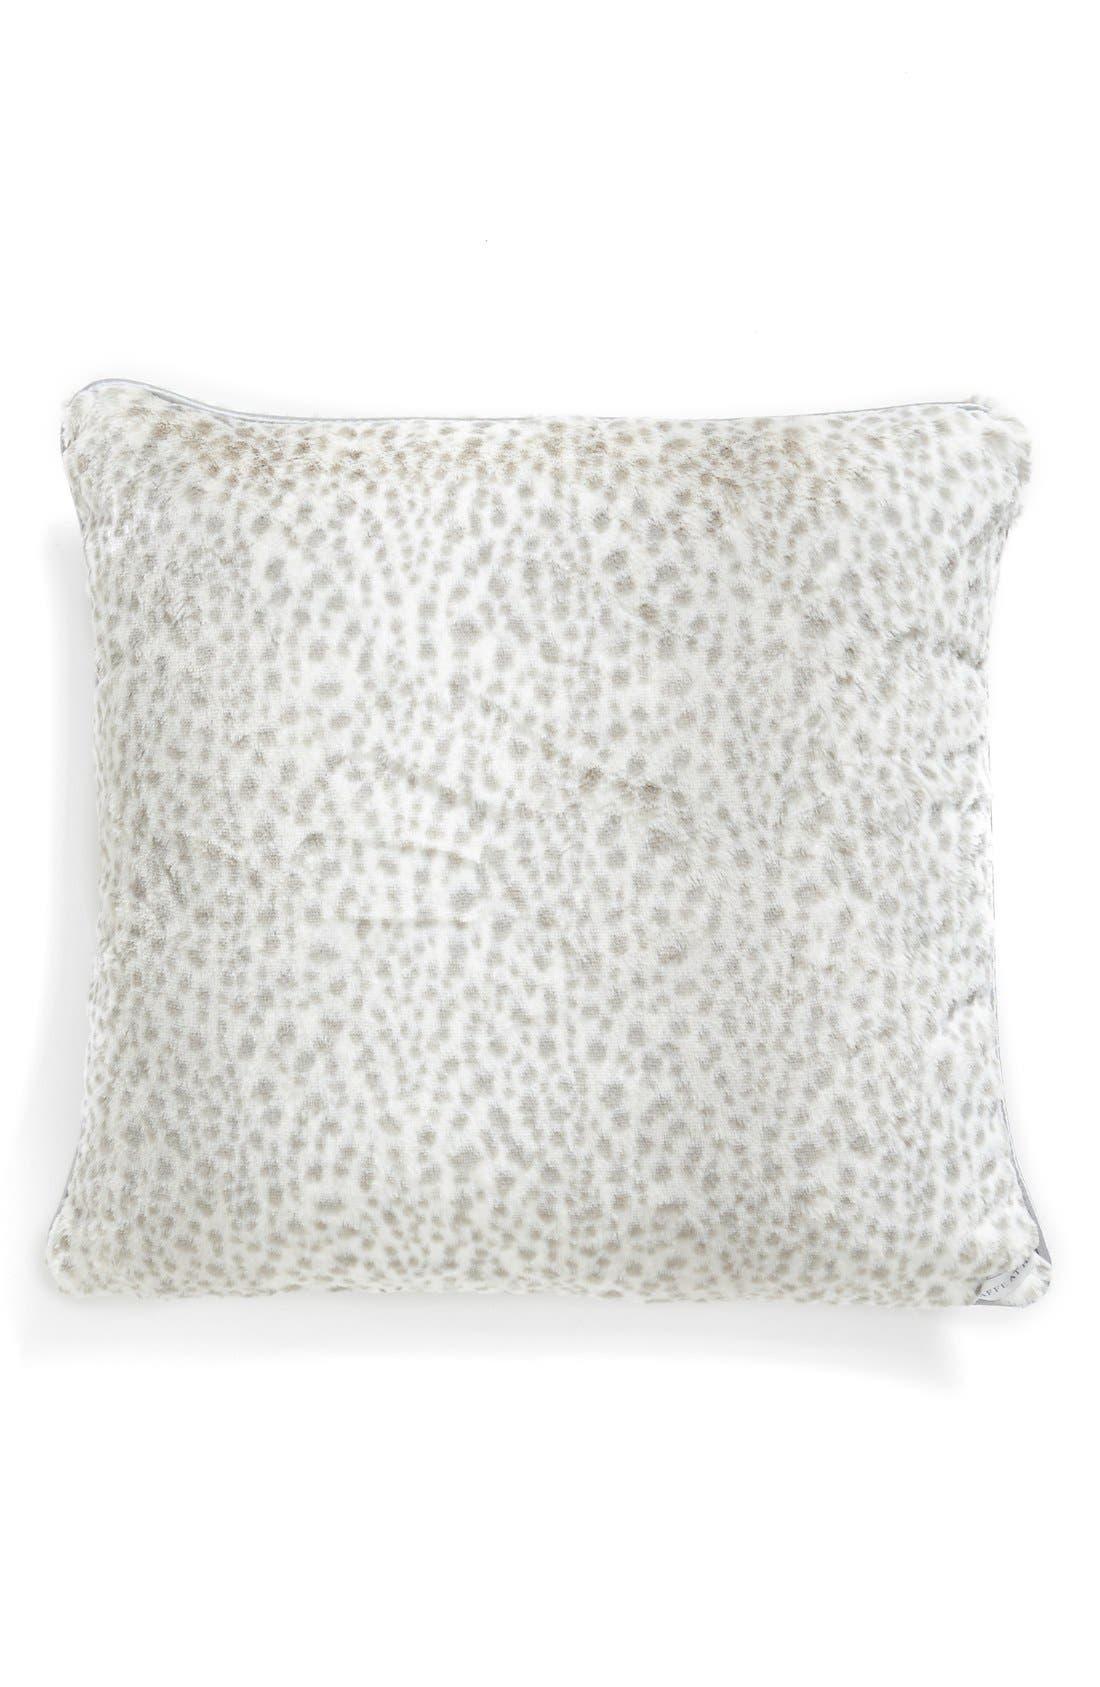 'Snow Leopard' Faux Fur Throw Pillow,                         Main,                         color, 040